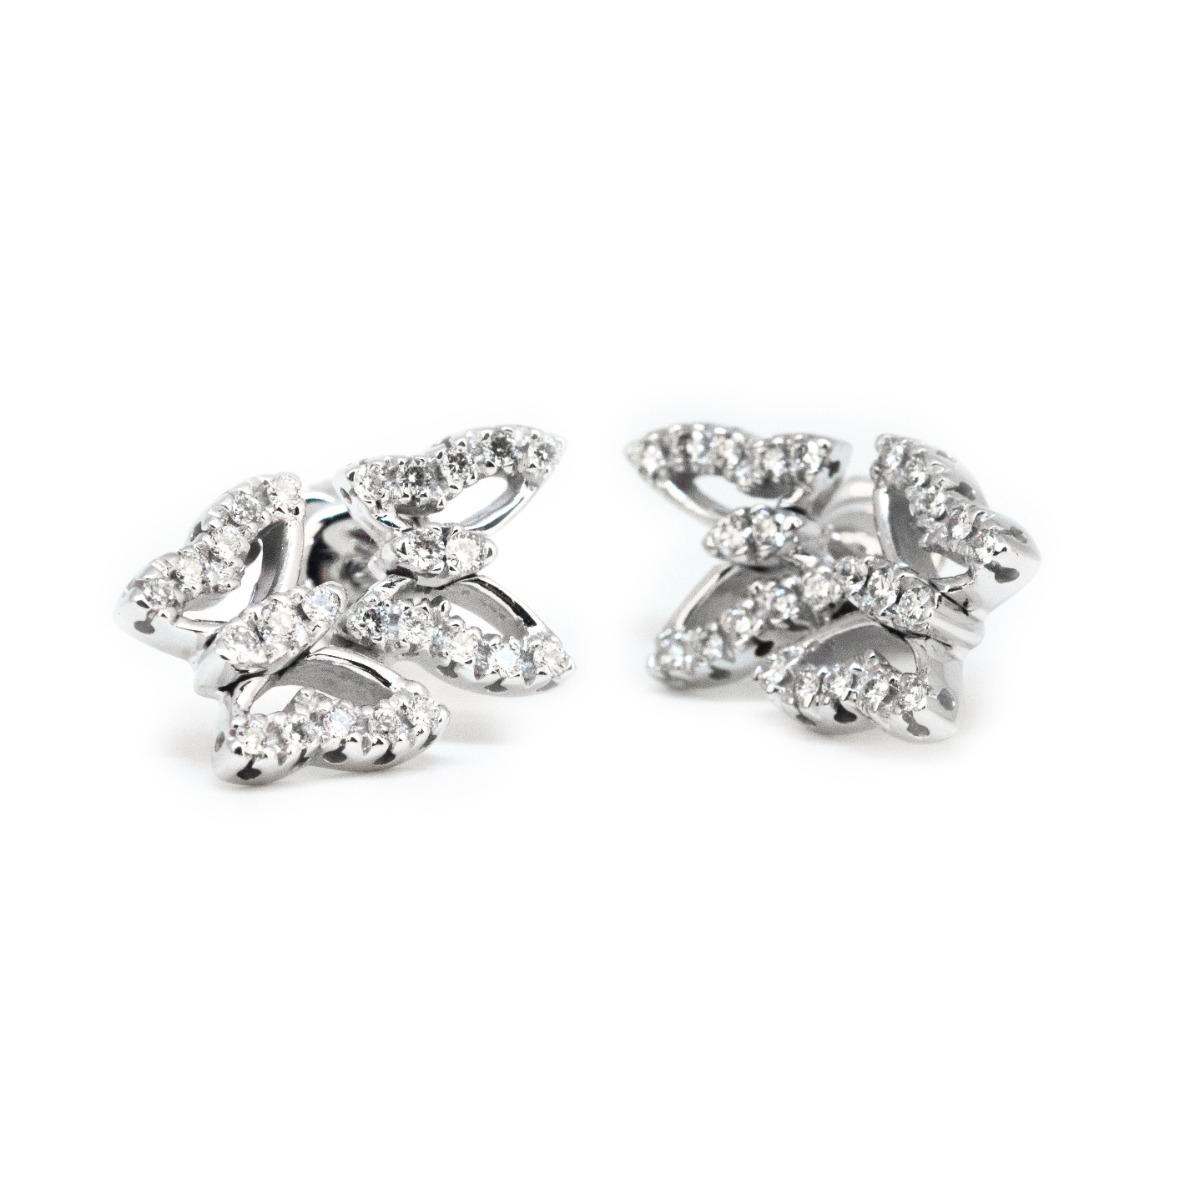 Silhouette Diamond Butterfly Stud Earrings